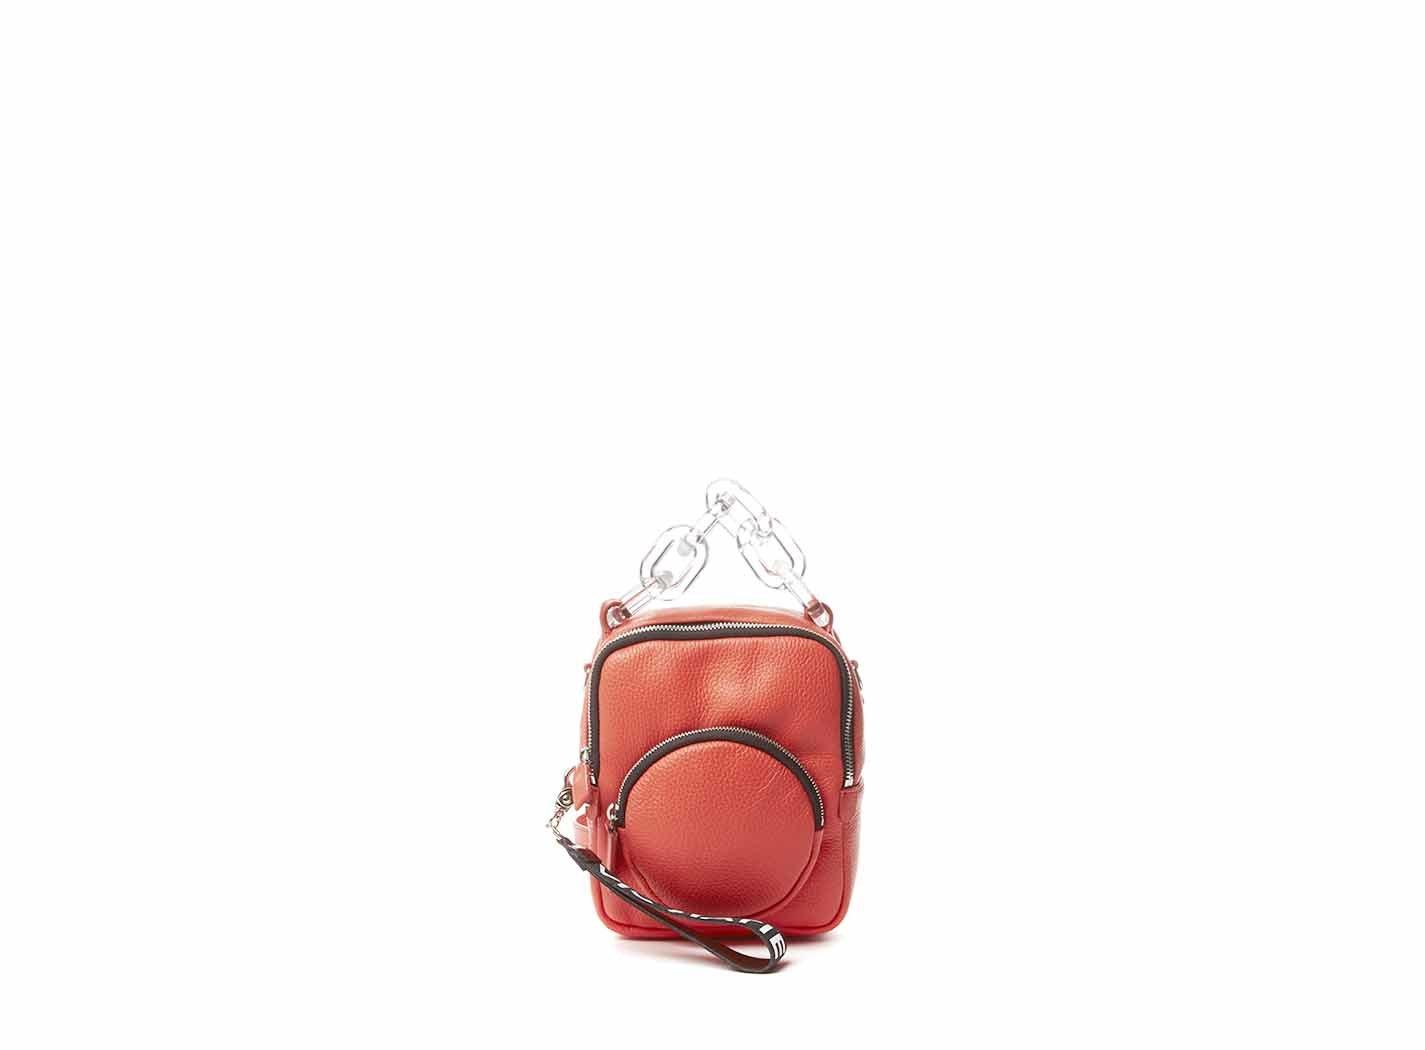 Mini zaino in pelle rossa con maniglia in plexi Vic Matiè.